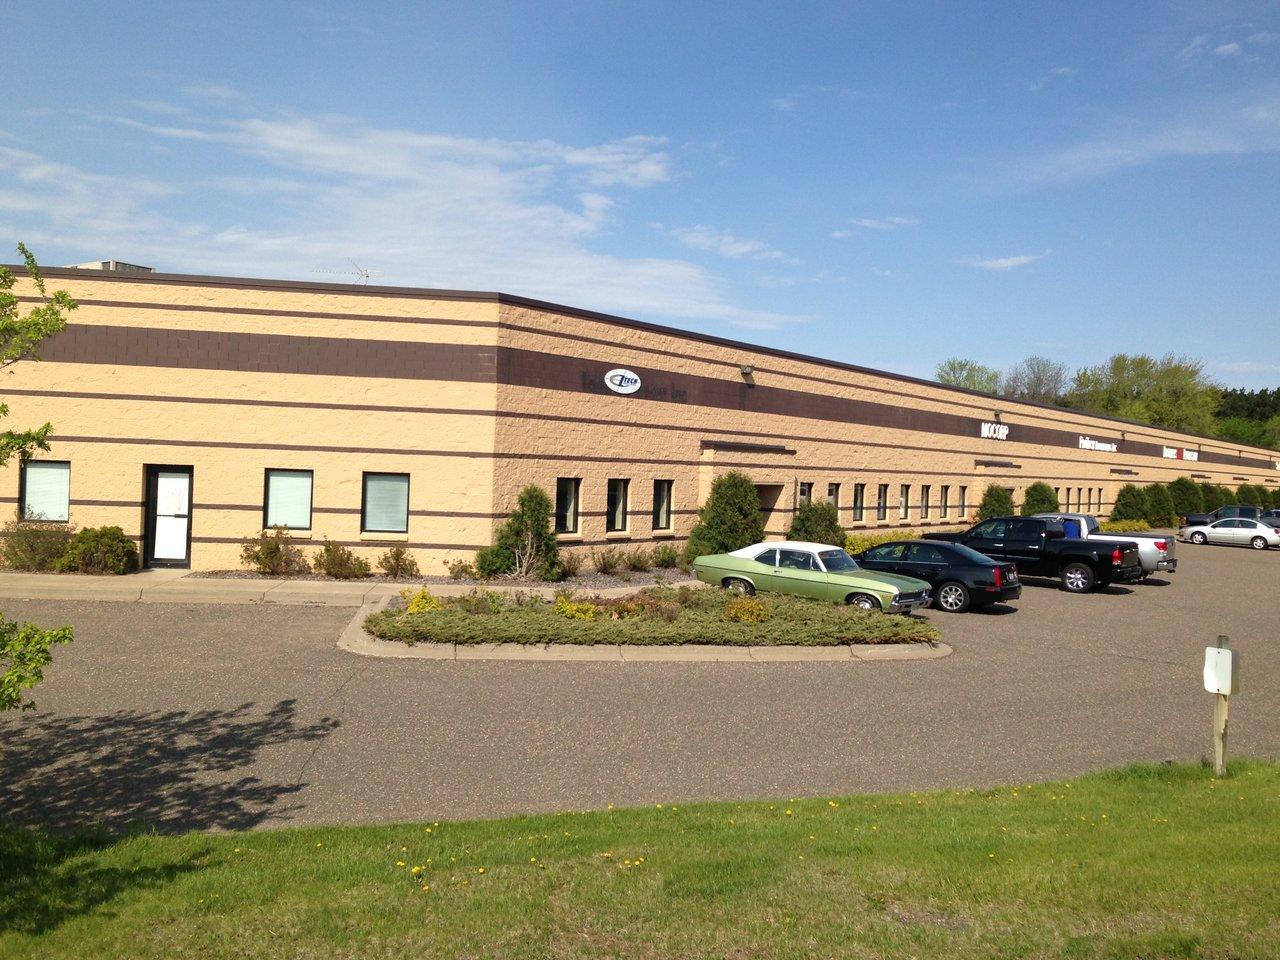 9942-9956 Hwy 10 NW, Elk River, MN, 55330